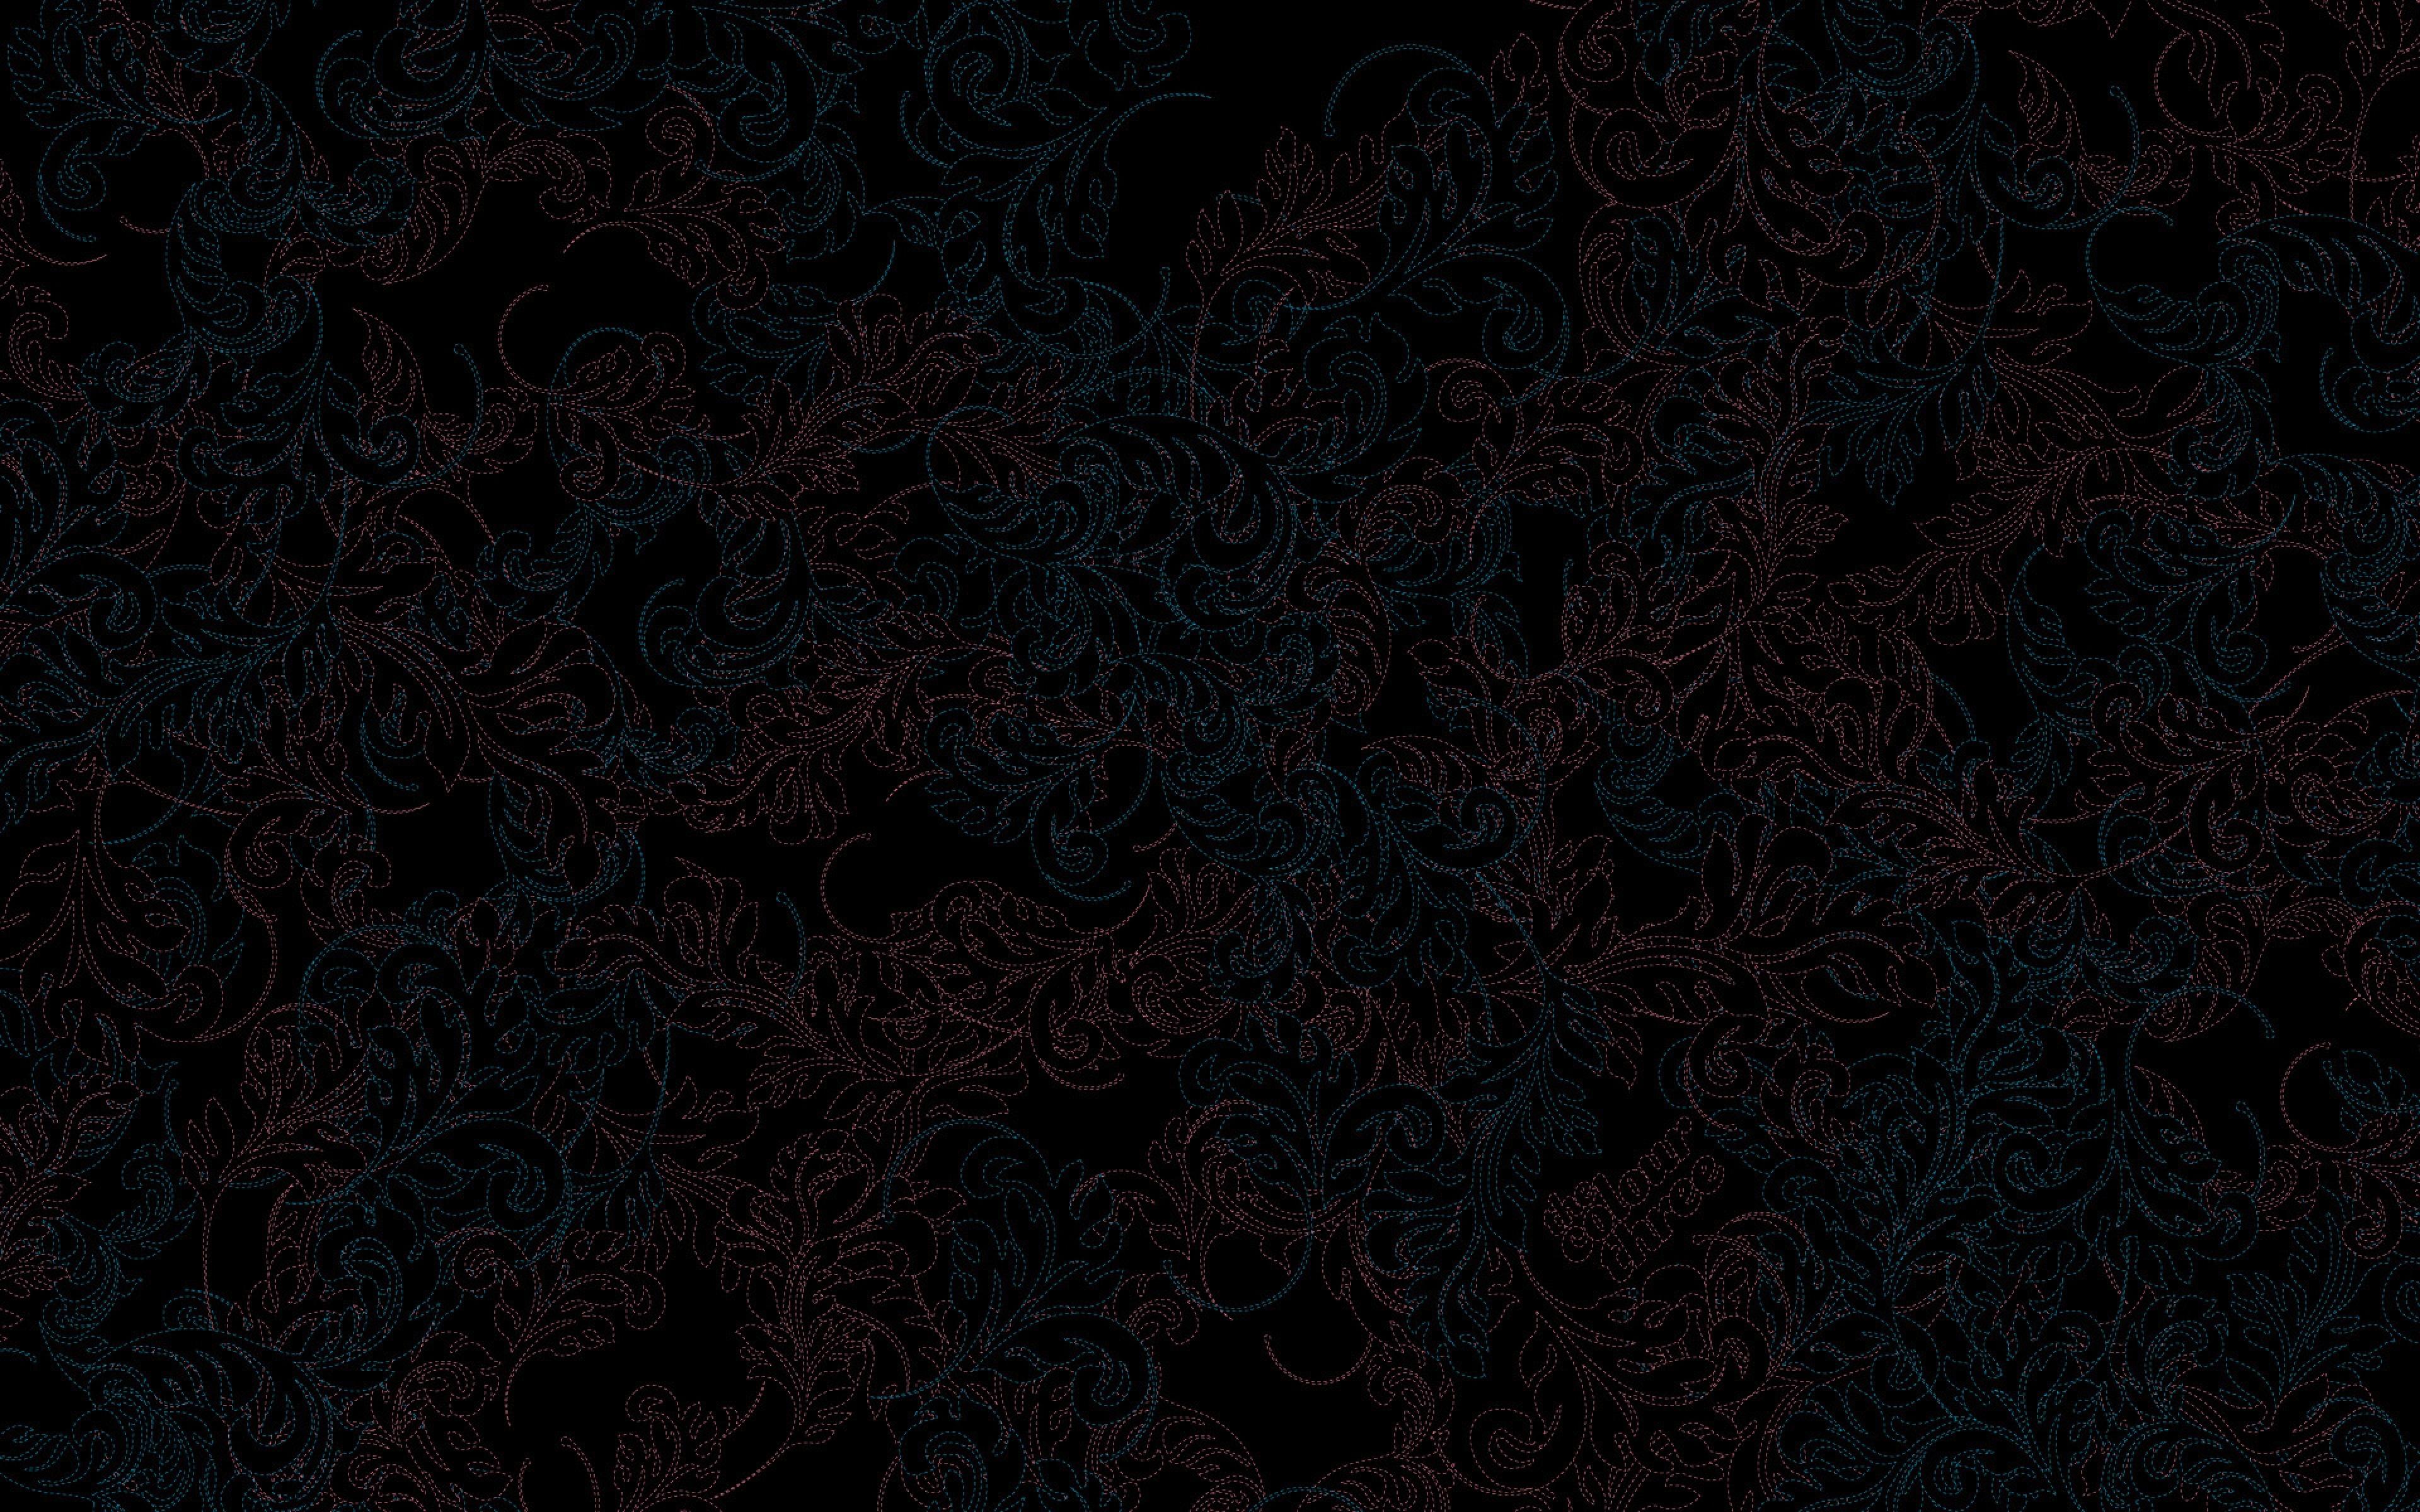 Wallpaper 3840x2400 patterns dots shiny dark texture Ultra HD 4K 3840x2400